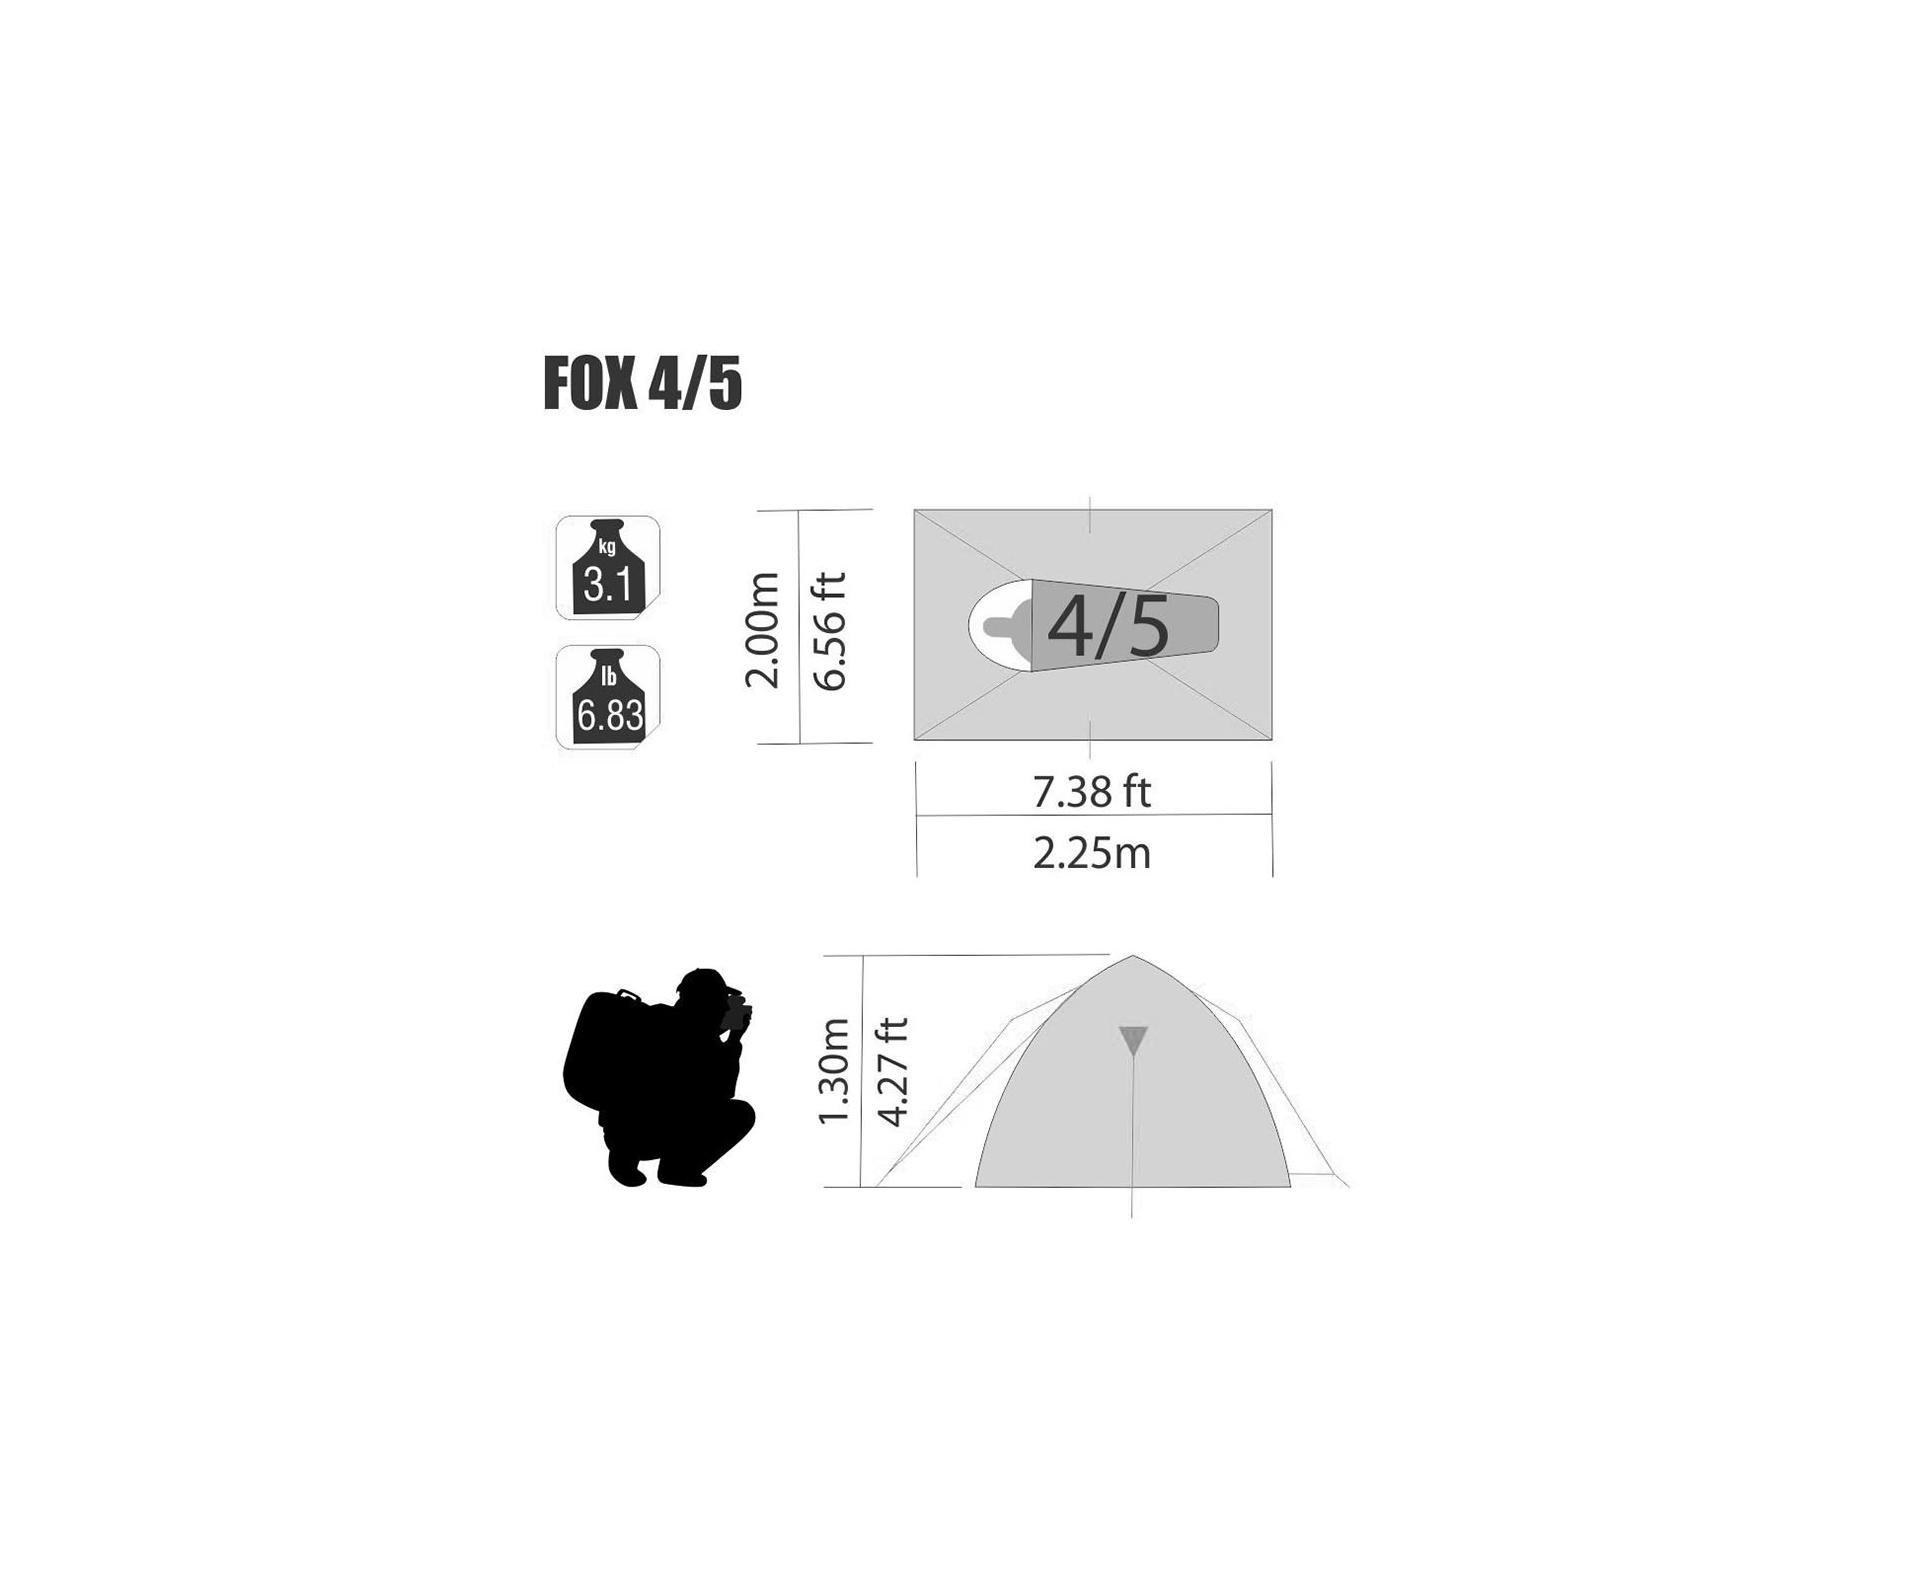 Barraca Para Camping Fox 4/5 Ntk Até 5 Pessoas Com 1800 Mm De Coluna D'água Fácil De Armar